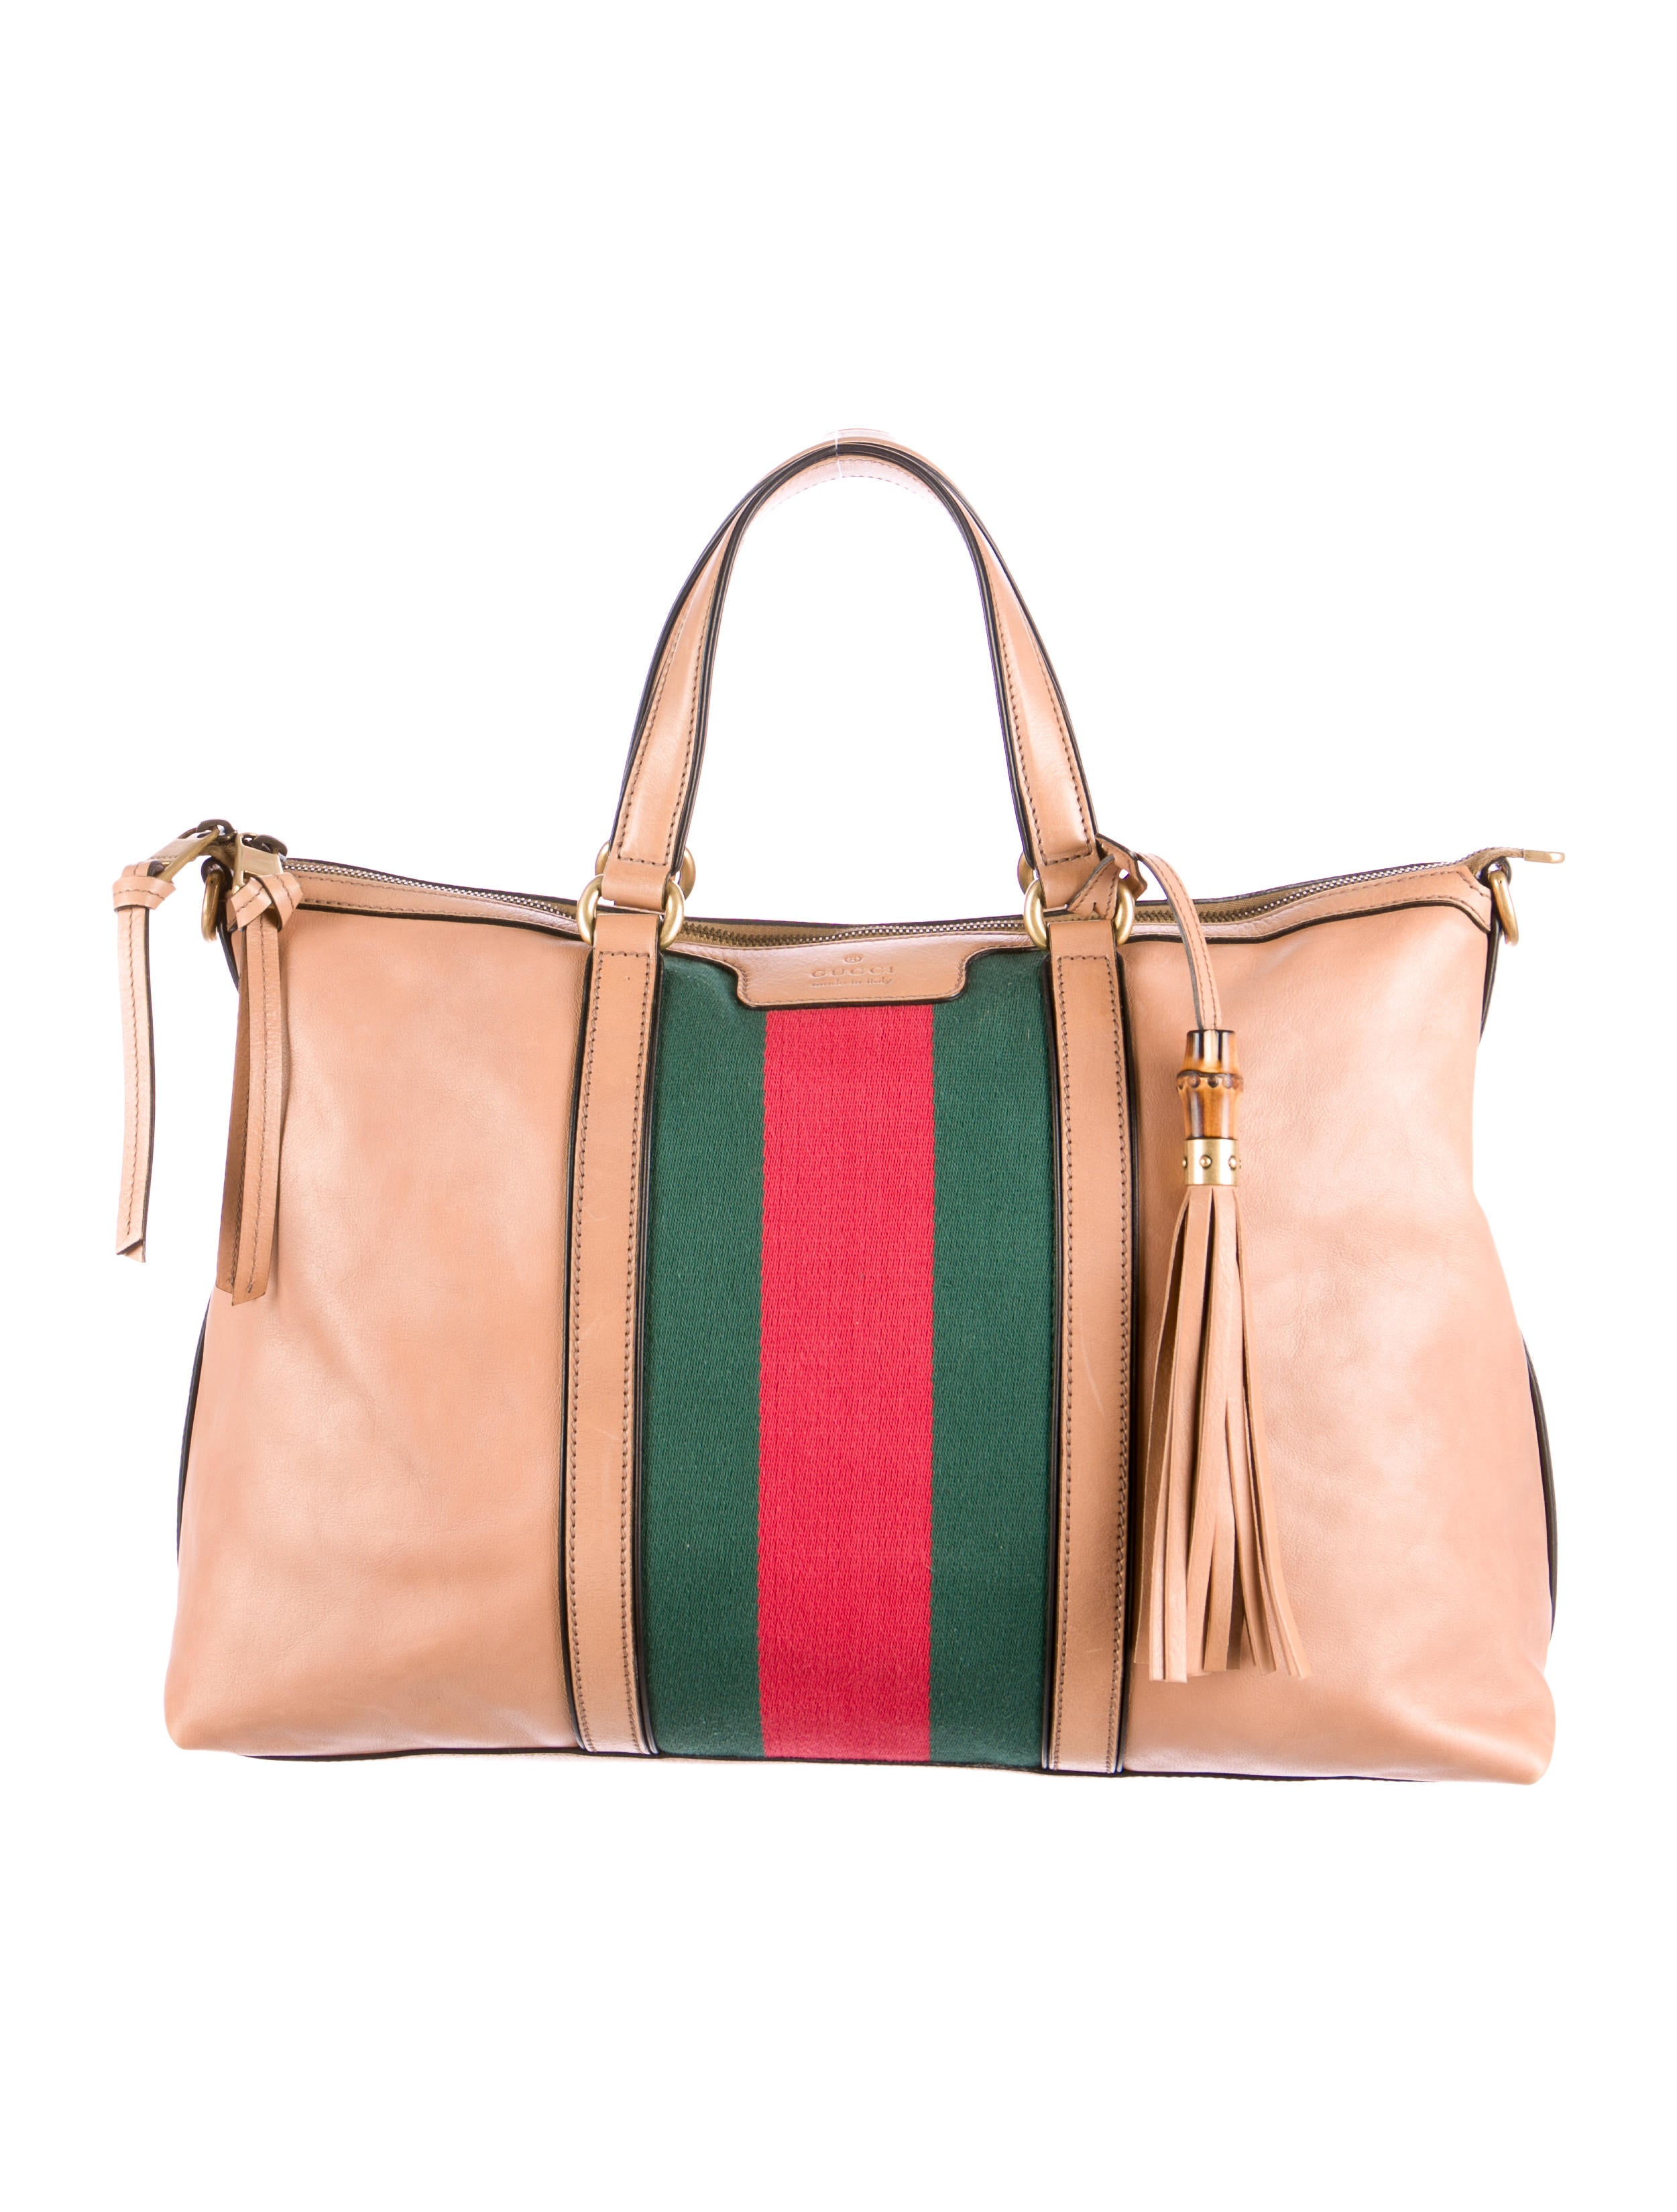 324d194615efd1 Gucci Rania Leather Top-Handle Bag - Handbags - GUC80565 | The RealReal